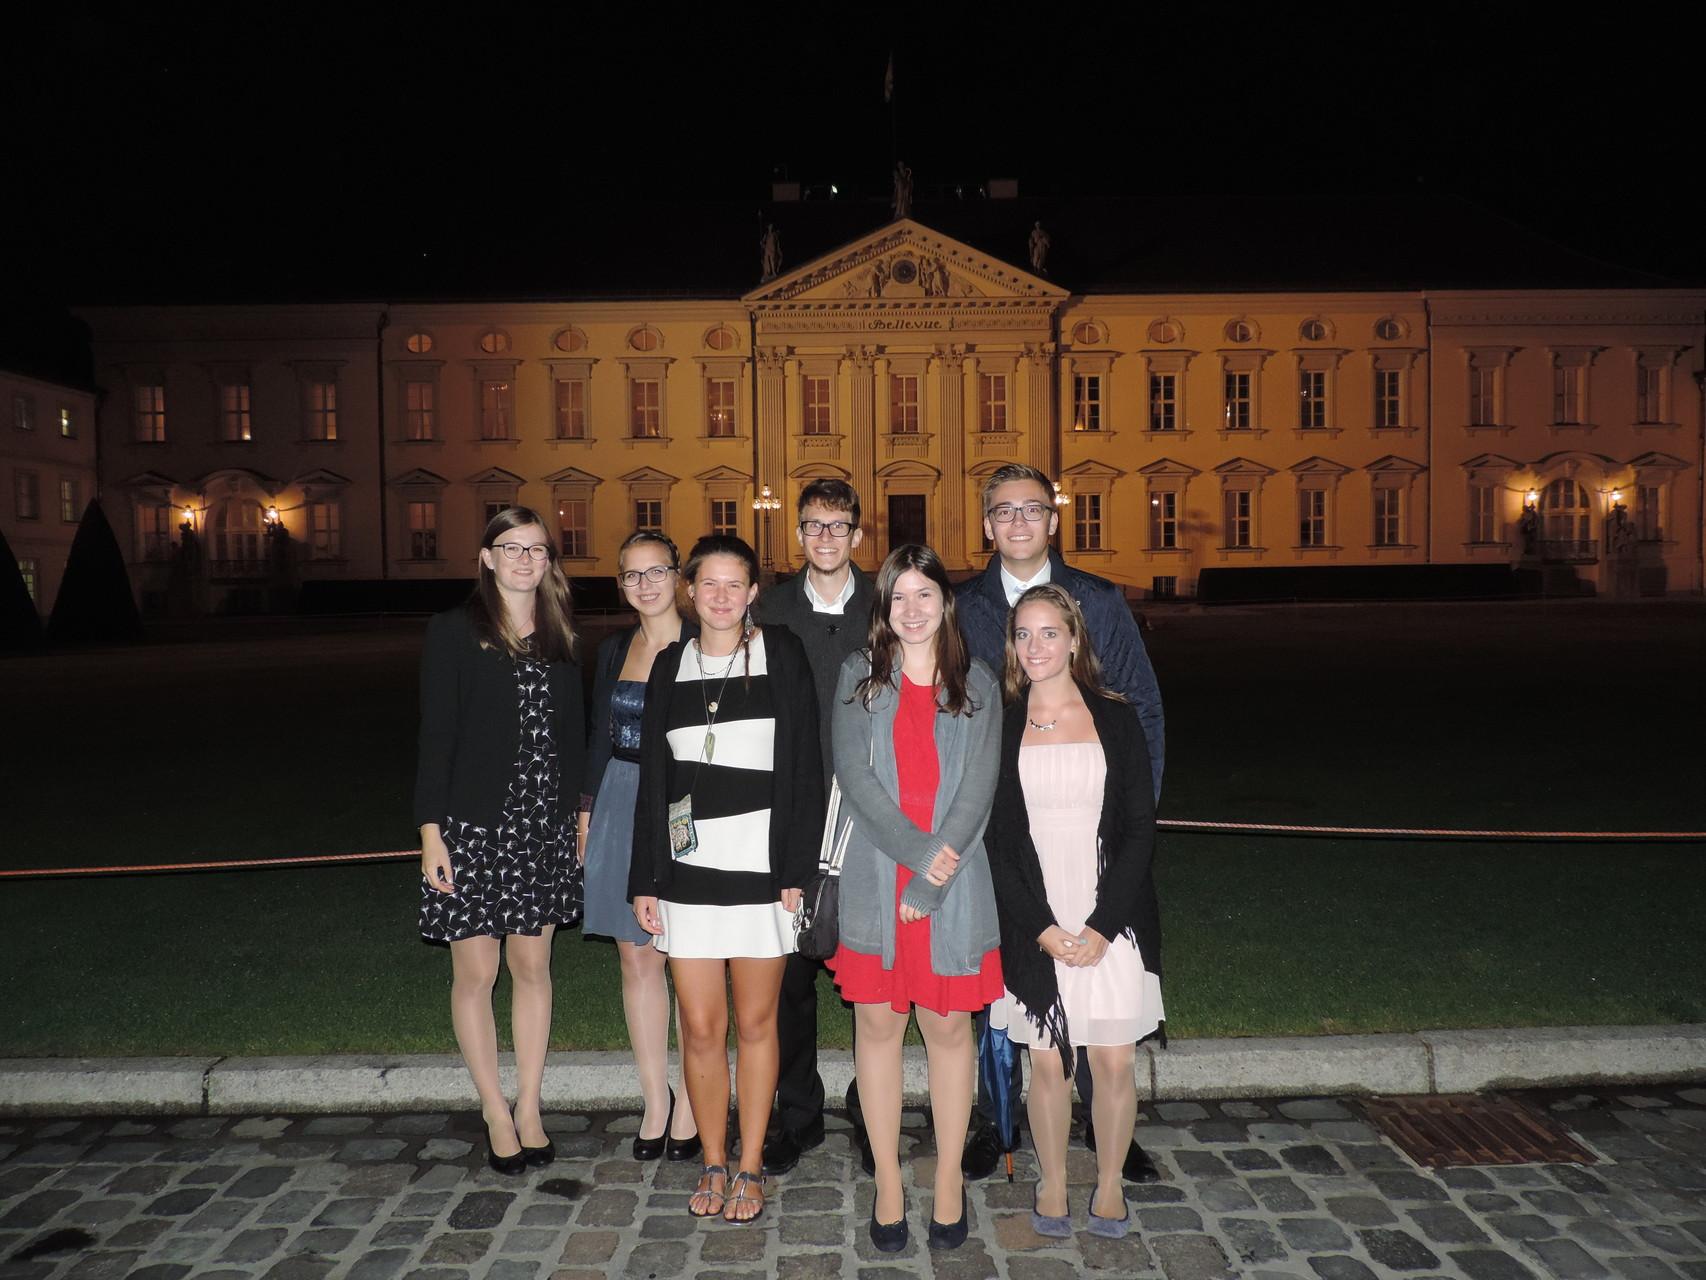 Bekannte haben wir auch getroffen - hier die zweite Gruppe, die neben uns den 2. Platz beim Deutschen Bürgerpreis 2014 belegt hat :)